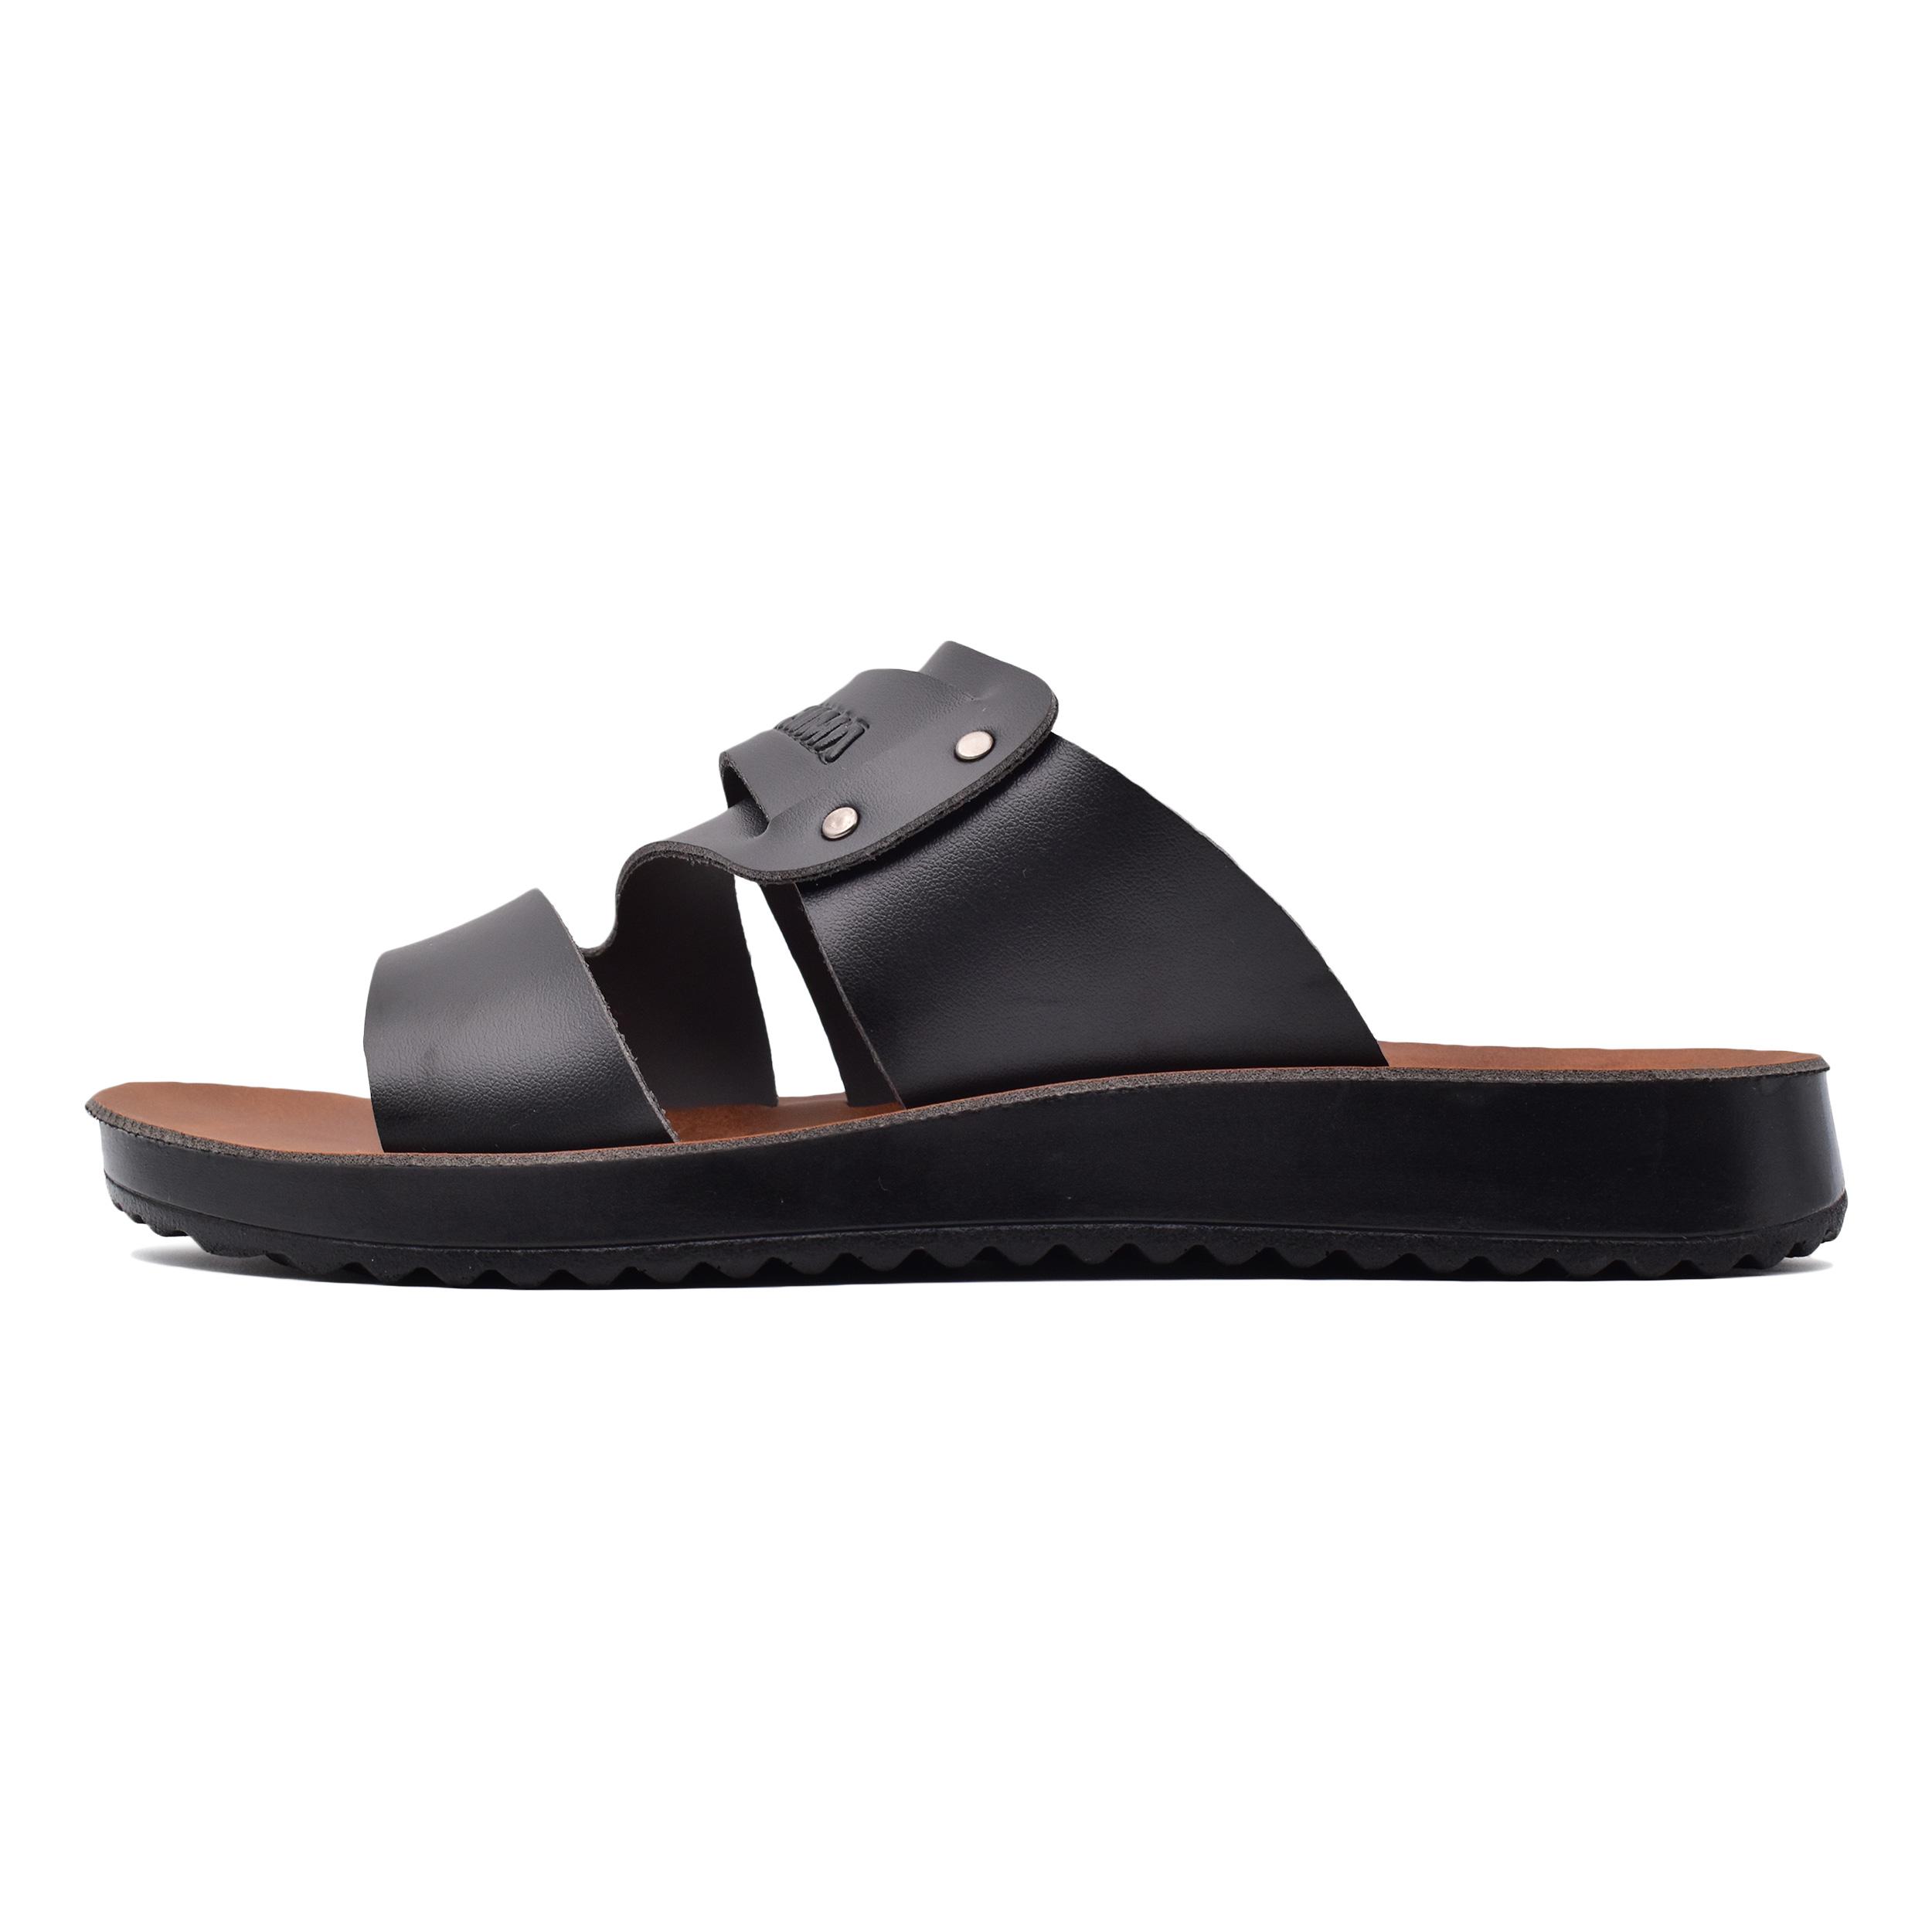 صندل مردانه کفش شیما مدل اشتاین کد 7257